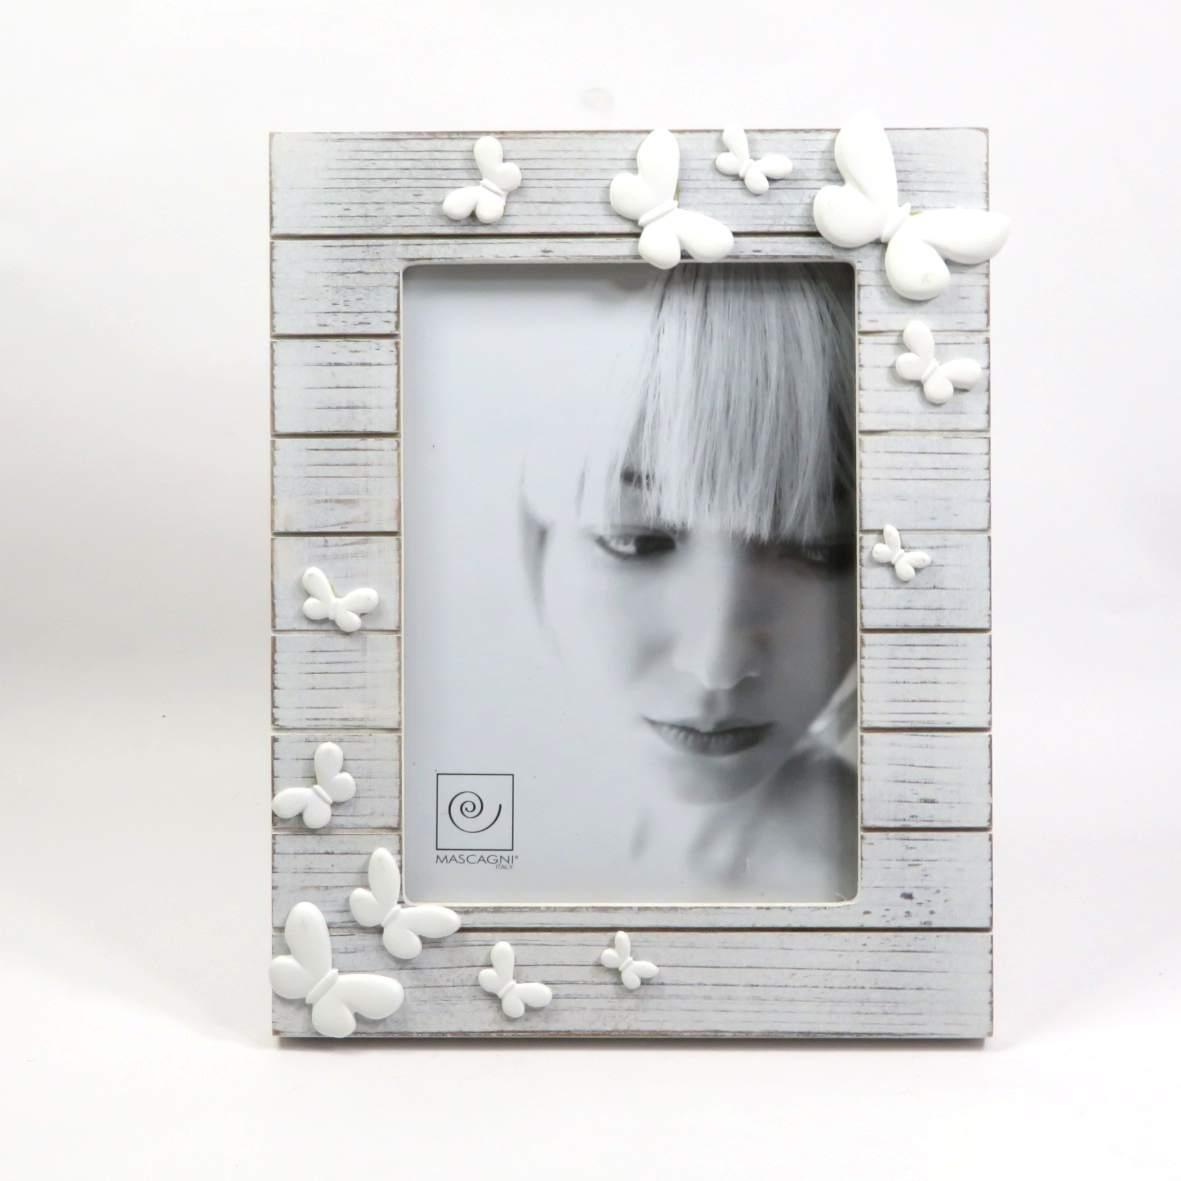 Cornice in legno 13x18 con farfalle bianche di Mascagni